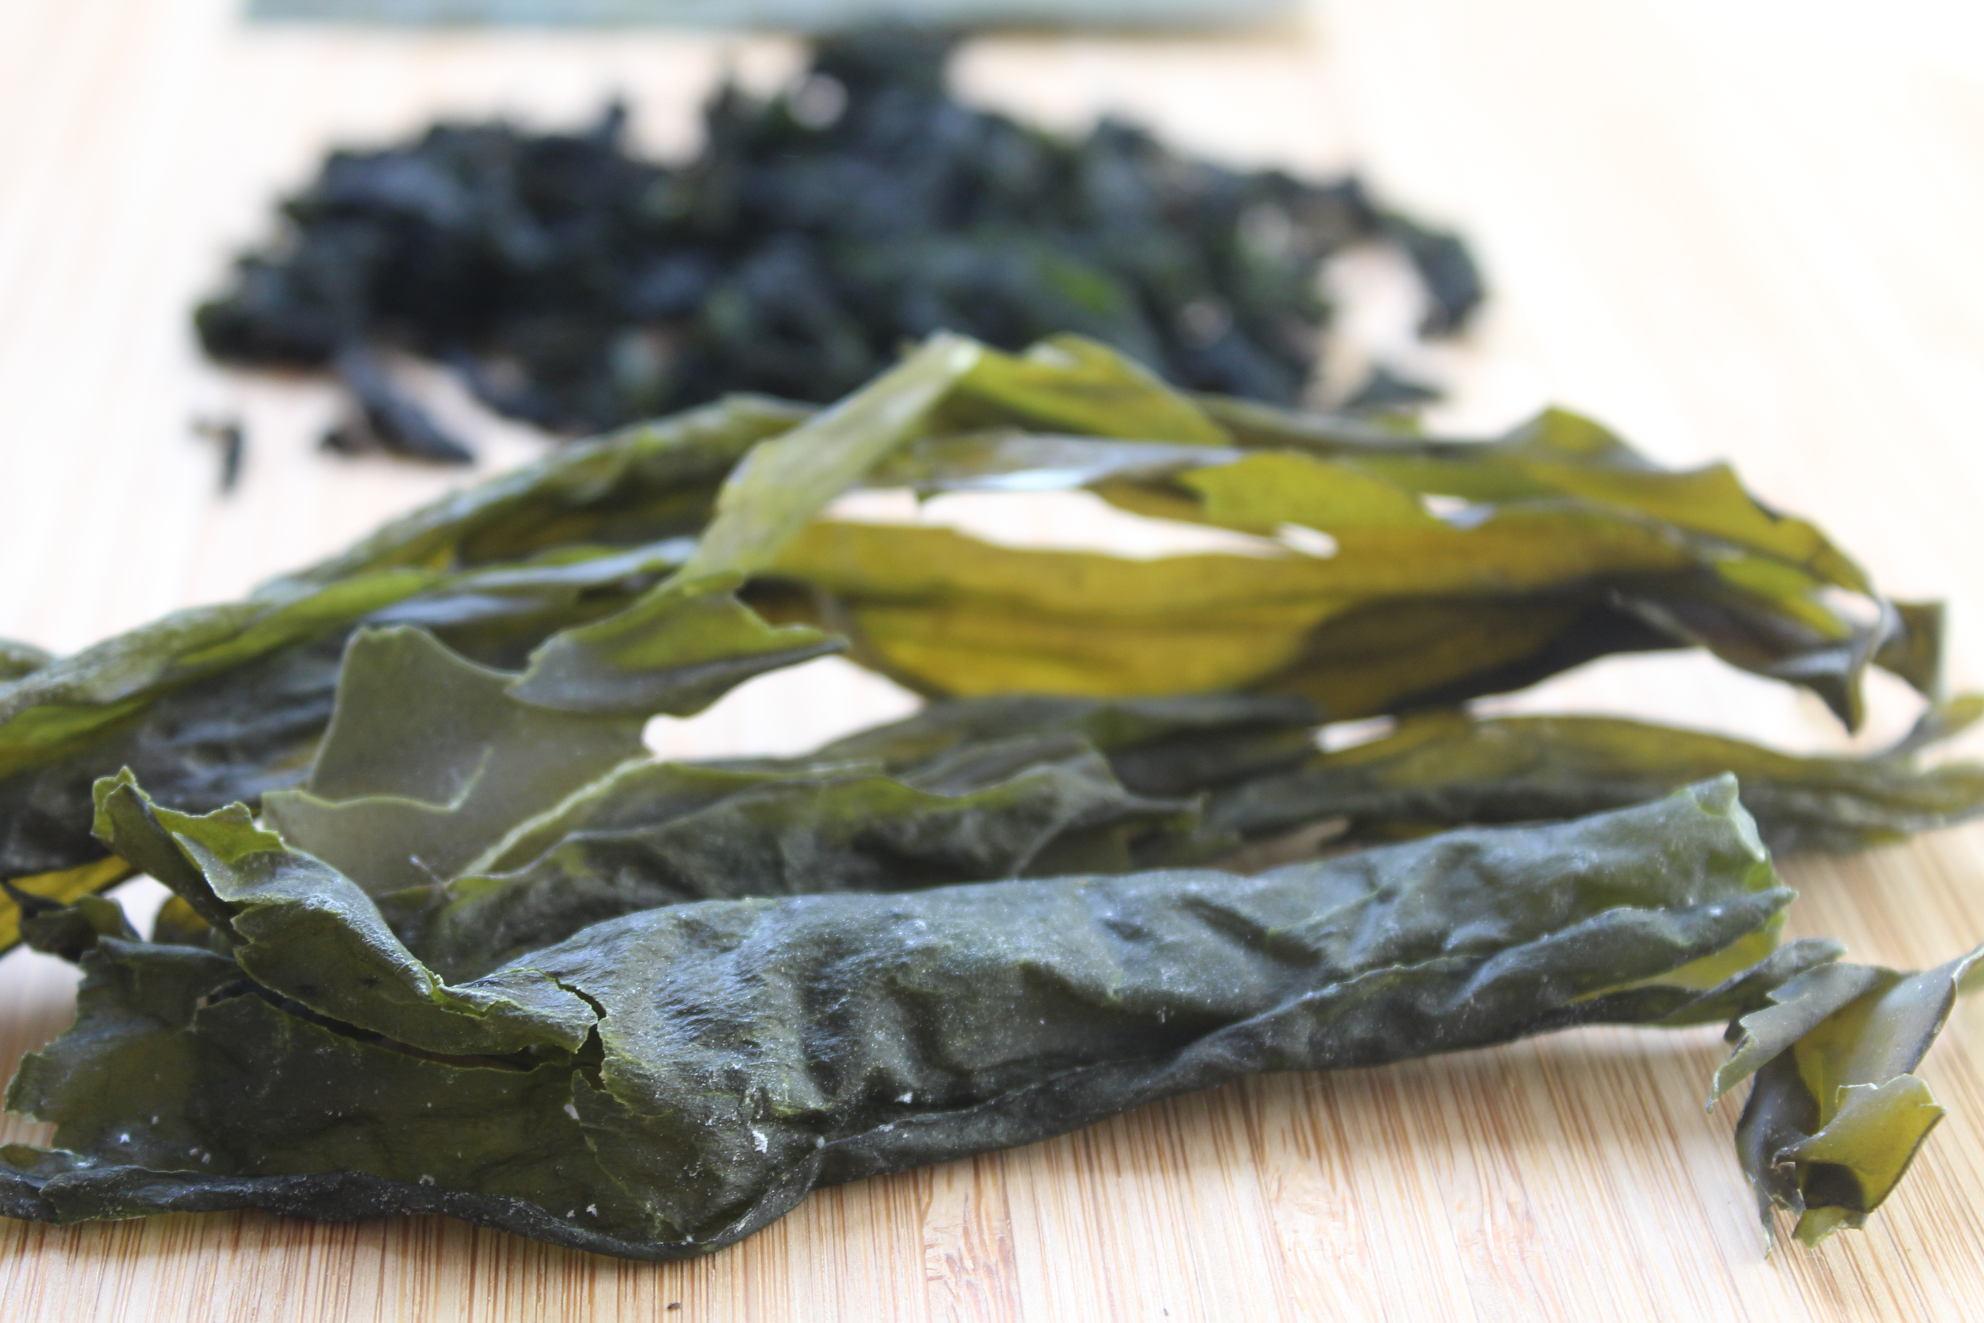 kombu-alga-marina-mejora-la-digestion-la-funcion-la-tiroides-mas